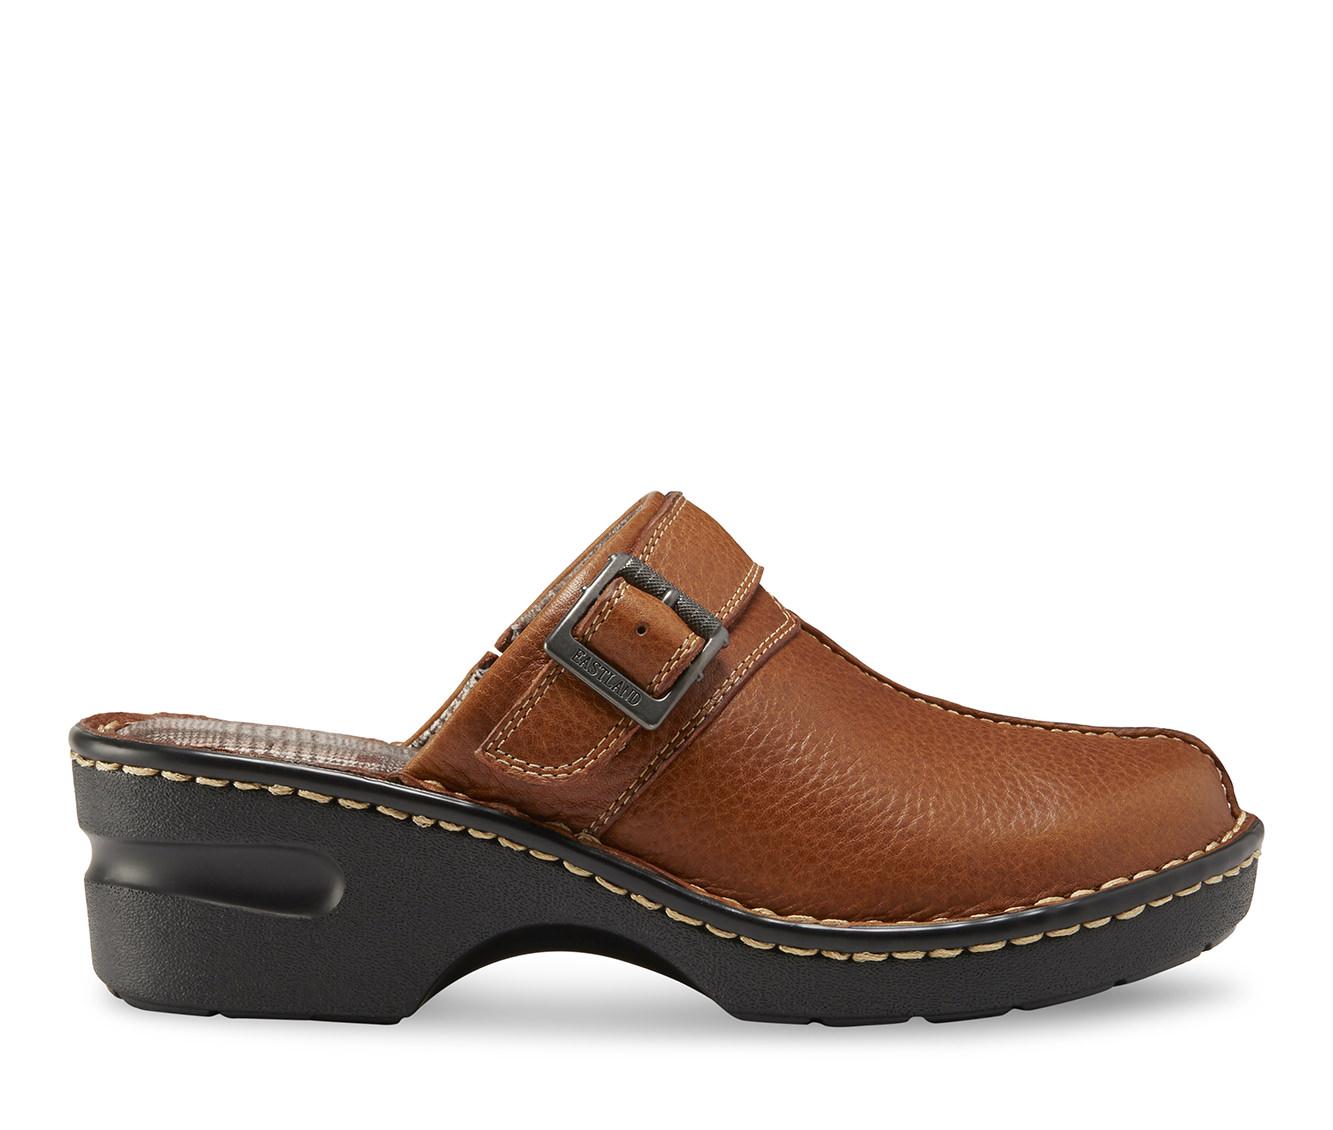 Eastland Mae Women's Shoe (Beige Leather)